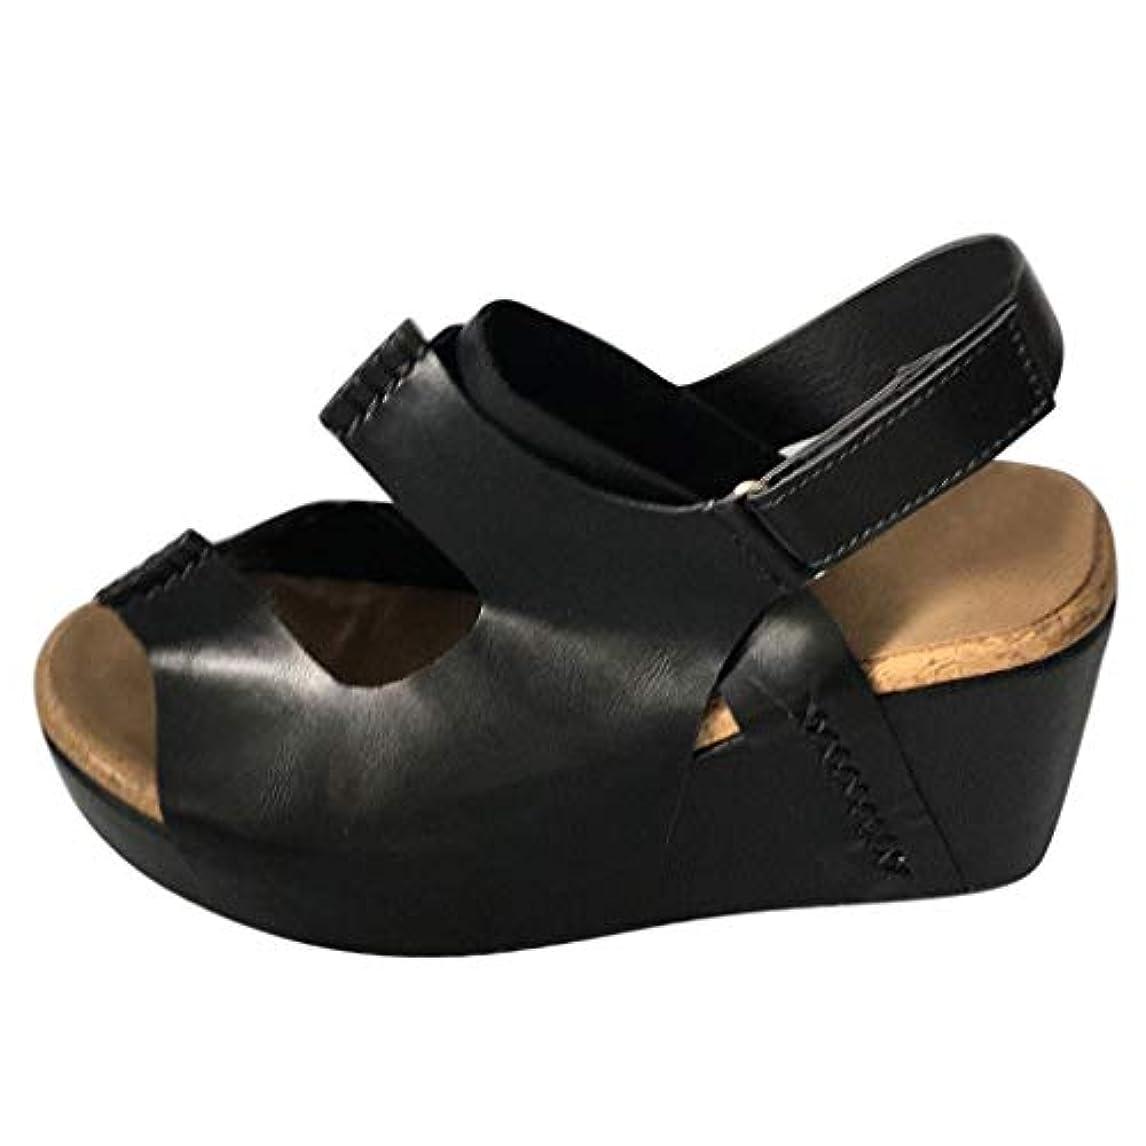 最初に告白北レディース サンダル Foreted ウェッジサンダル ファッション 厚底靴 レトロ ウェッジソール カジュアル 室内 日常 歩きやすい 美脚 ブラック ブラウン カーキ